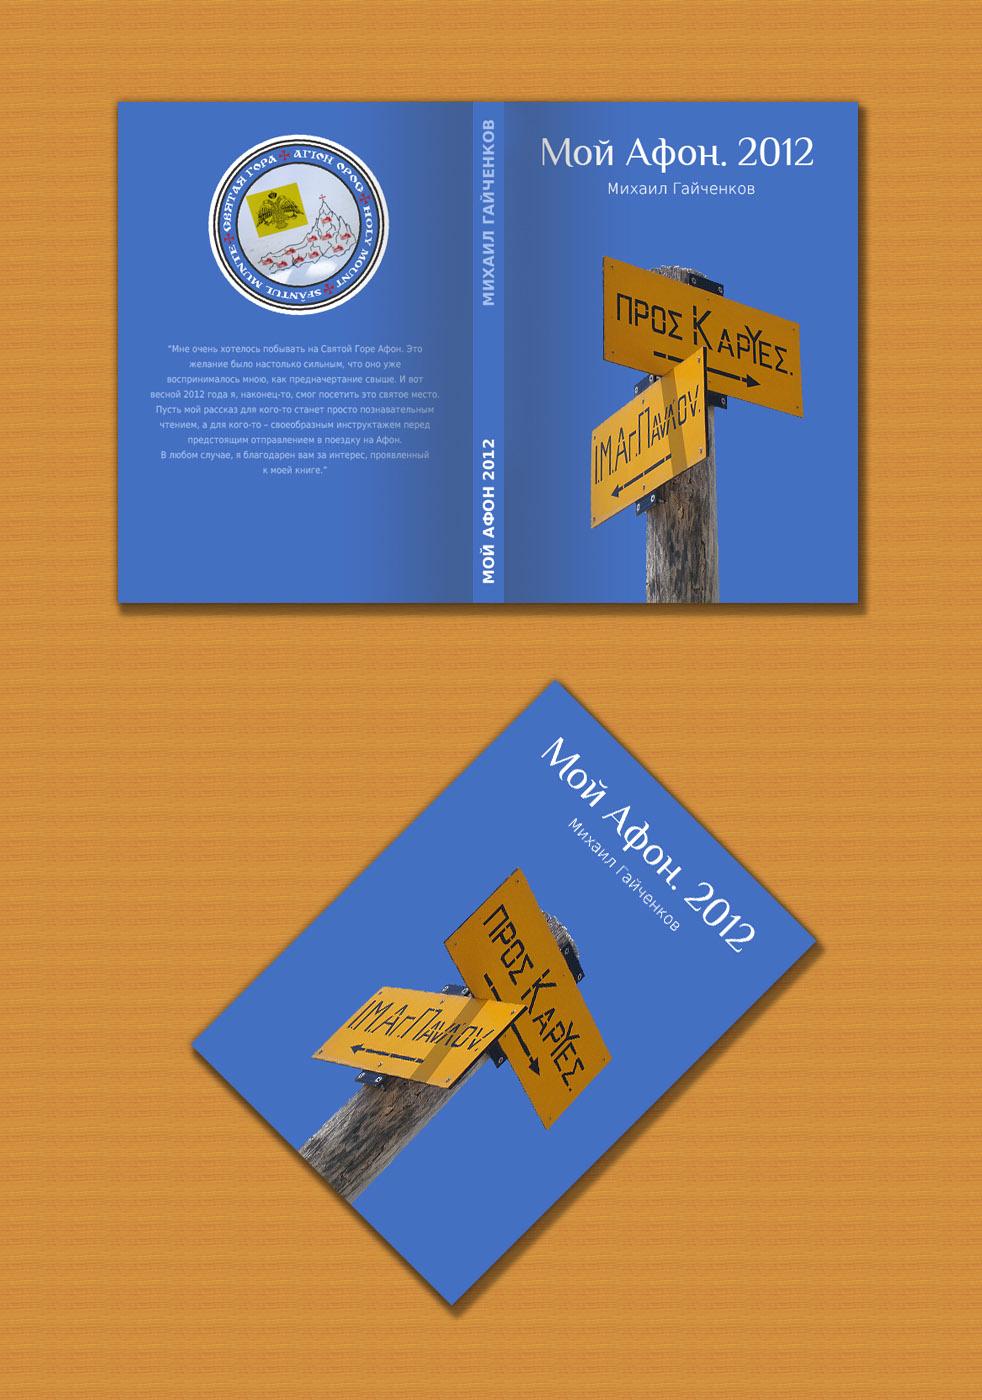 """Дизайн обложки книги """"Мой Афон 2012"""""""